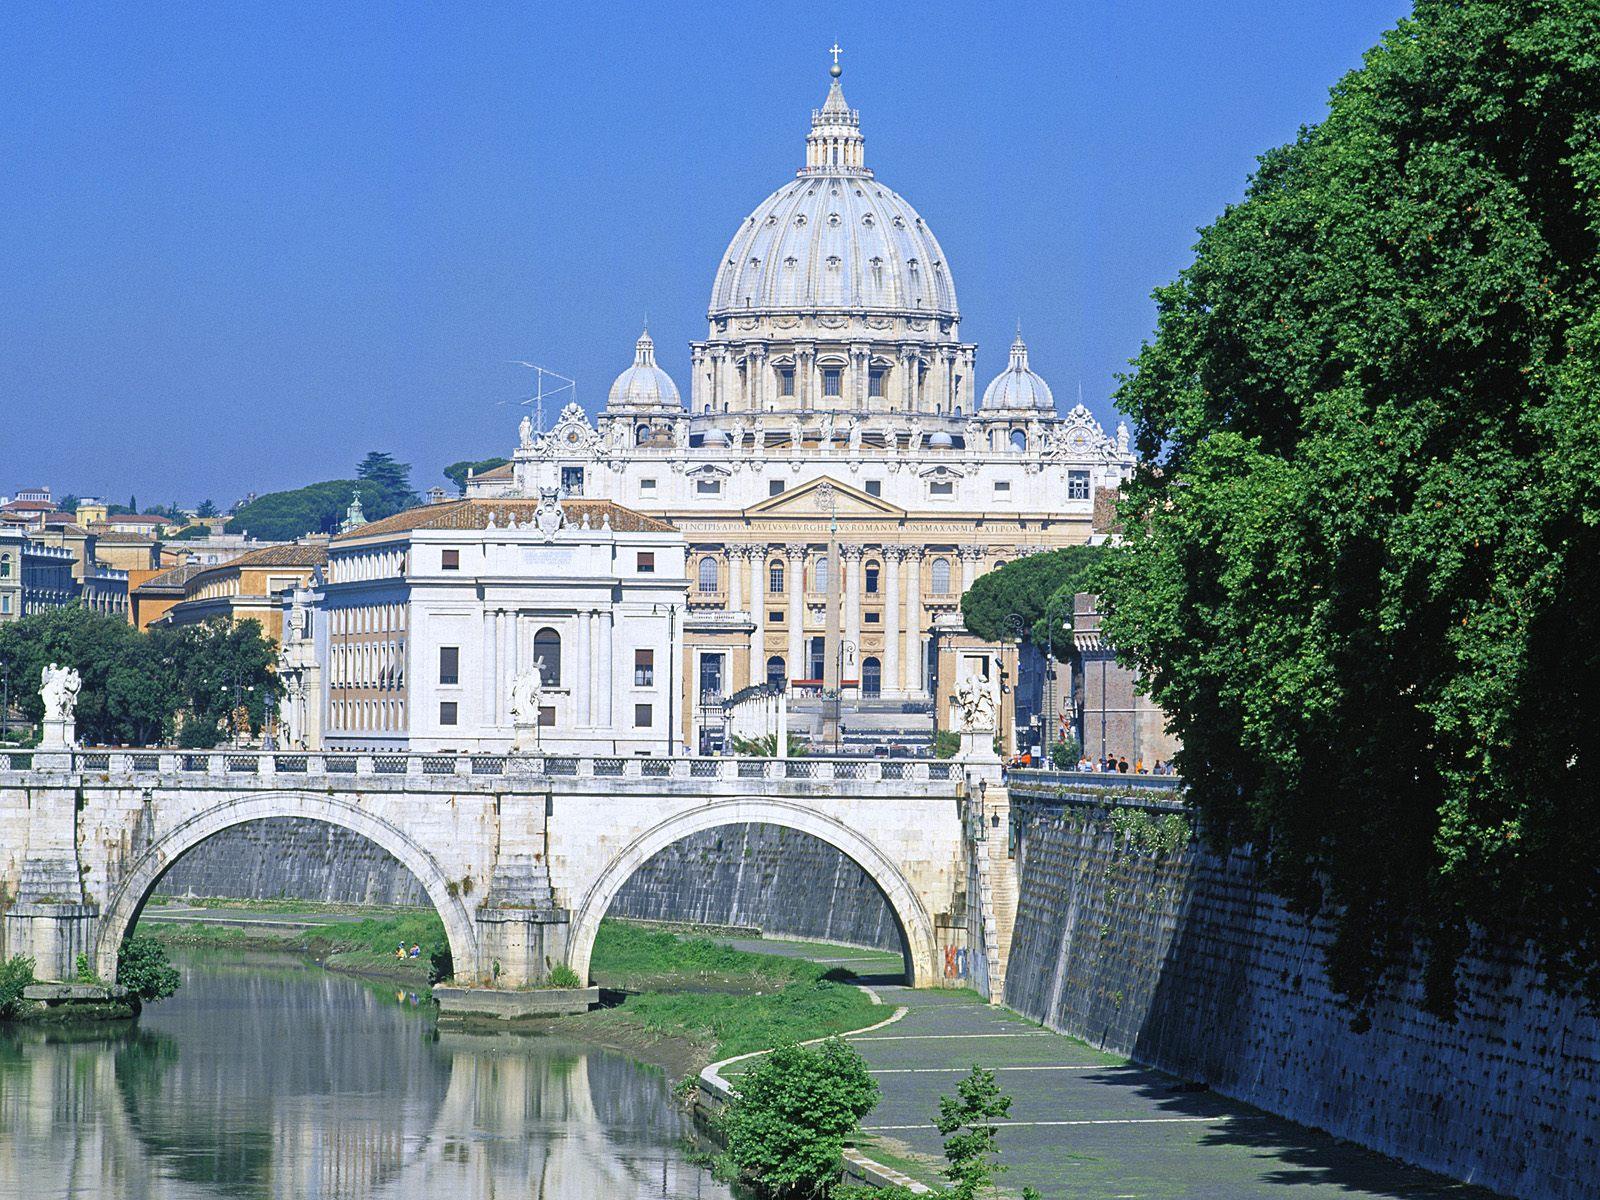 http://4.bp.blogspot.com/_Q2AG-fj5Wbc/TT0bp6Bb-RI/AAAAAAAAAIA/3JGz9ZASq2Q/s1600/St._Peter%2527s_Basilica_Rome_Italy.jpg